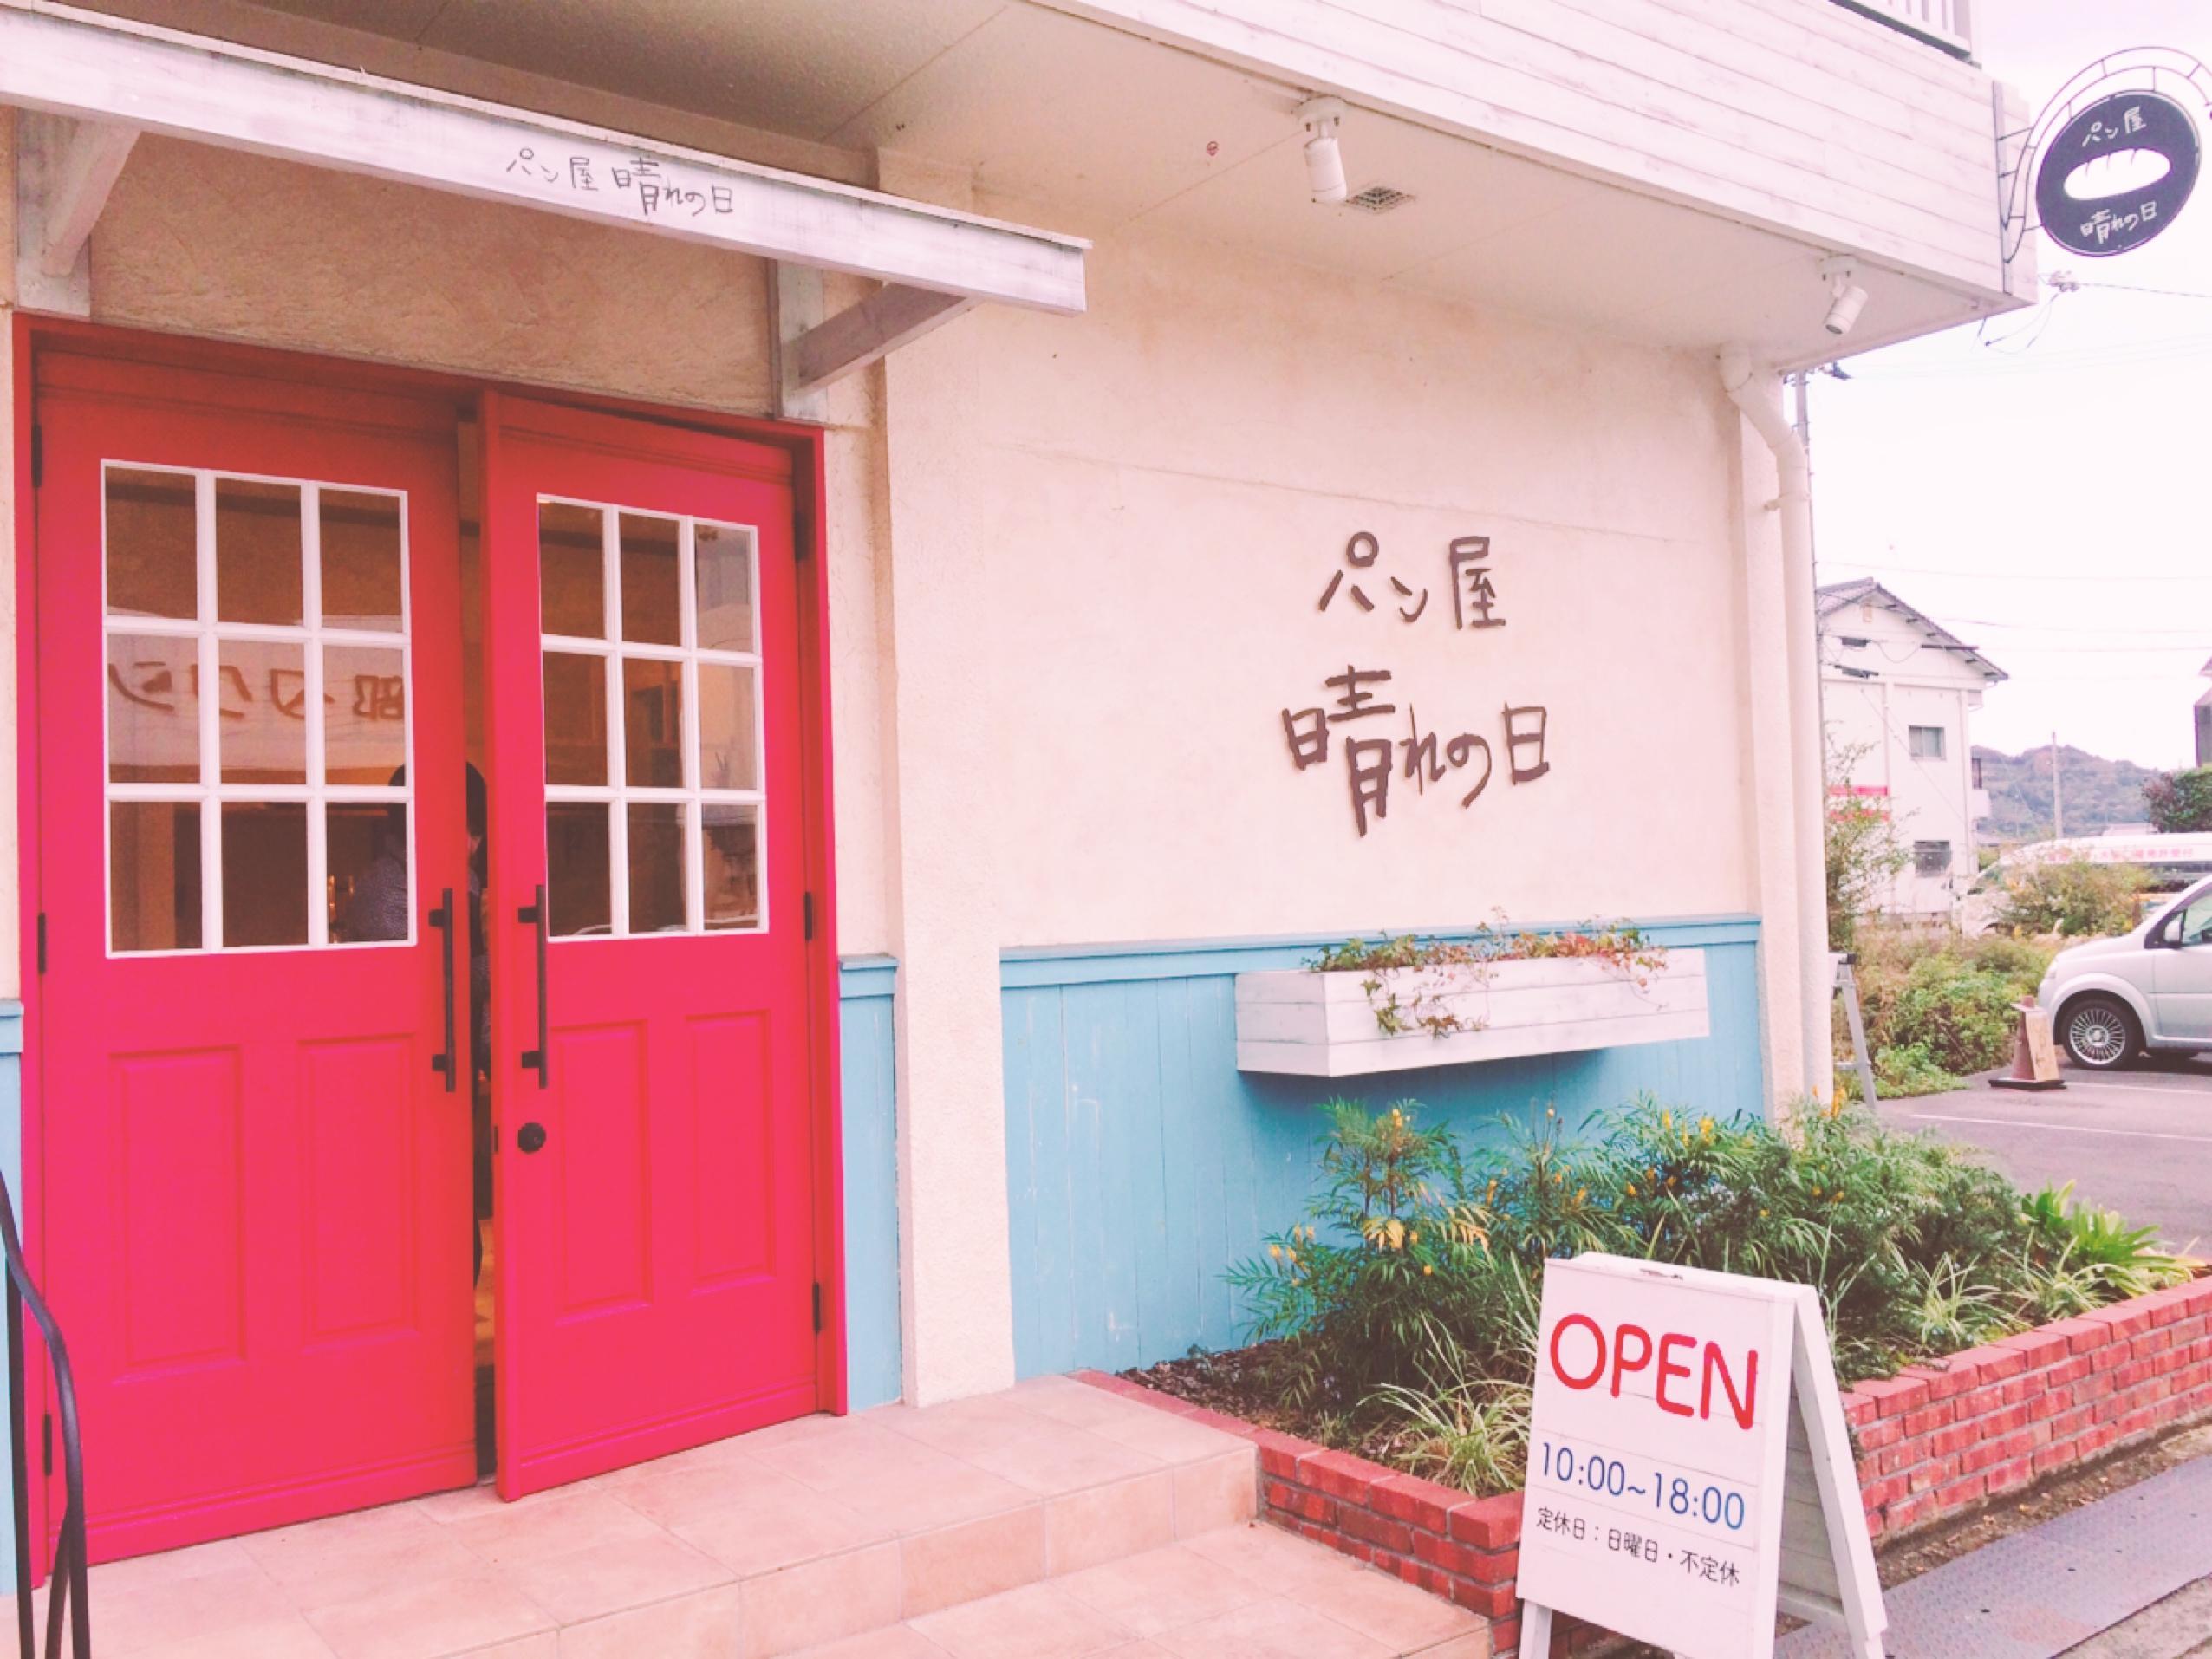 チーズをふんだんに使用!松山市の隣砥部町にあるパン屋「晴れの日」の「チーズブレッド」を買ったぞ!